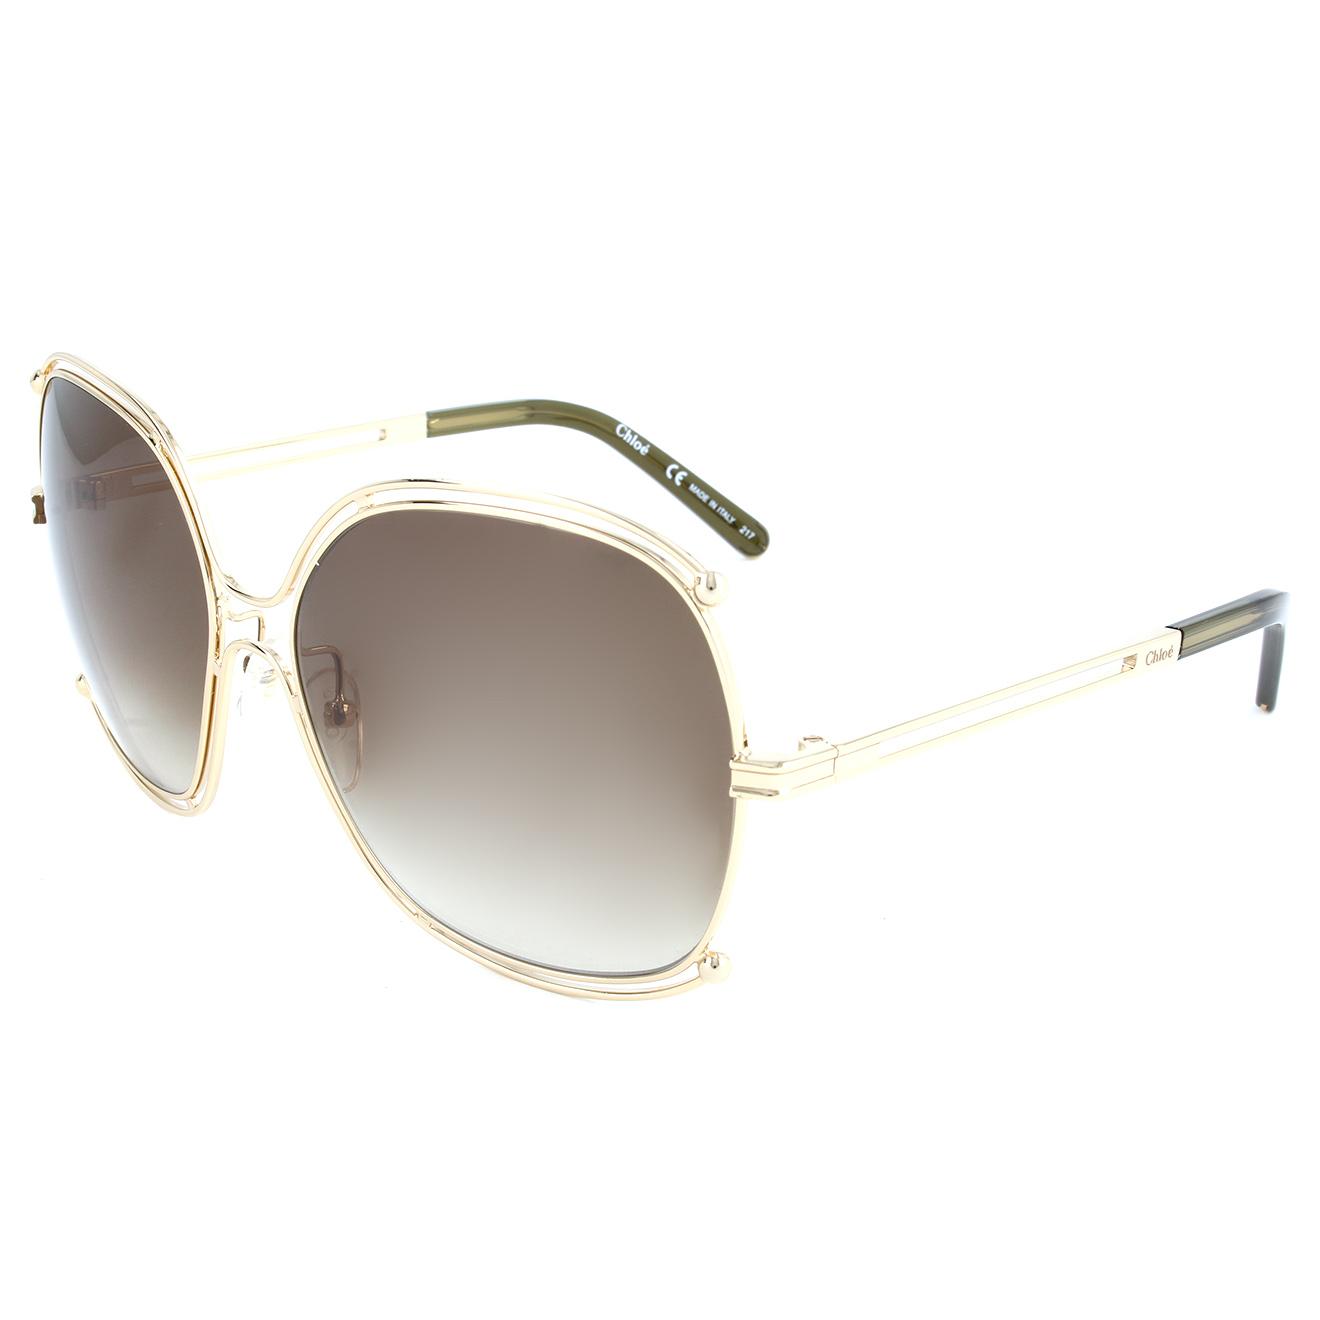 Chloé-femme-lunettes de soleil femme or/kaki-t.u